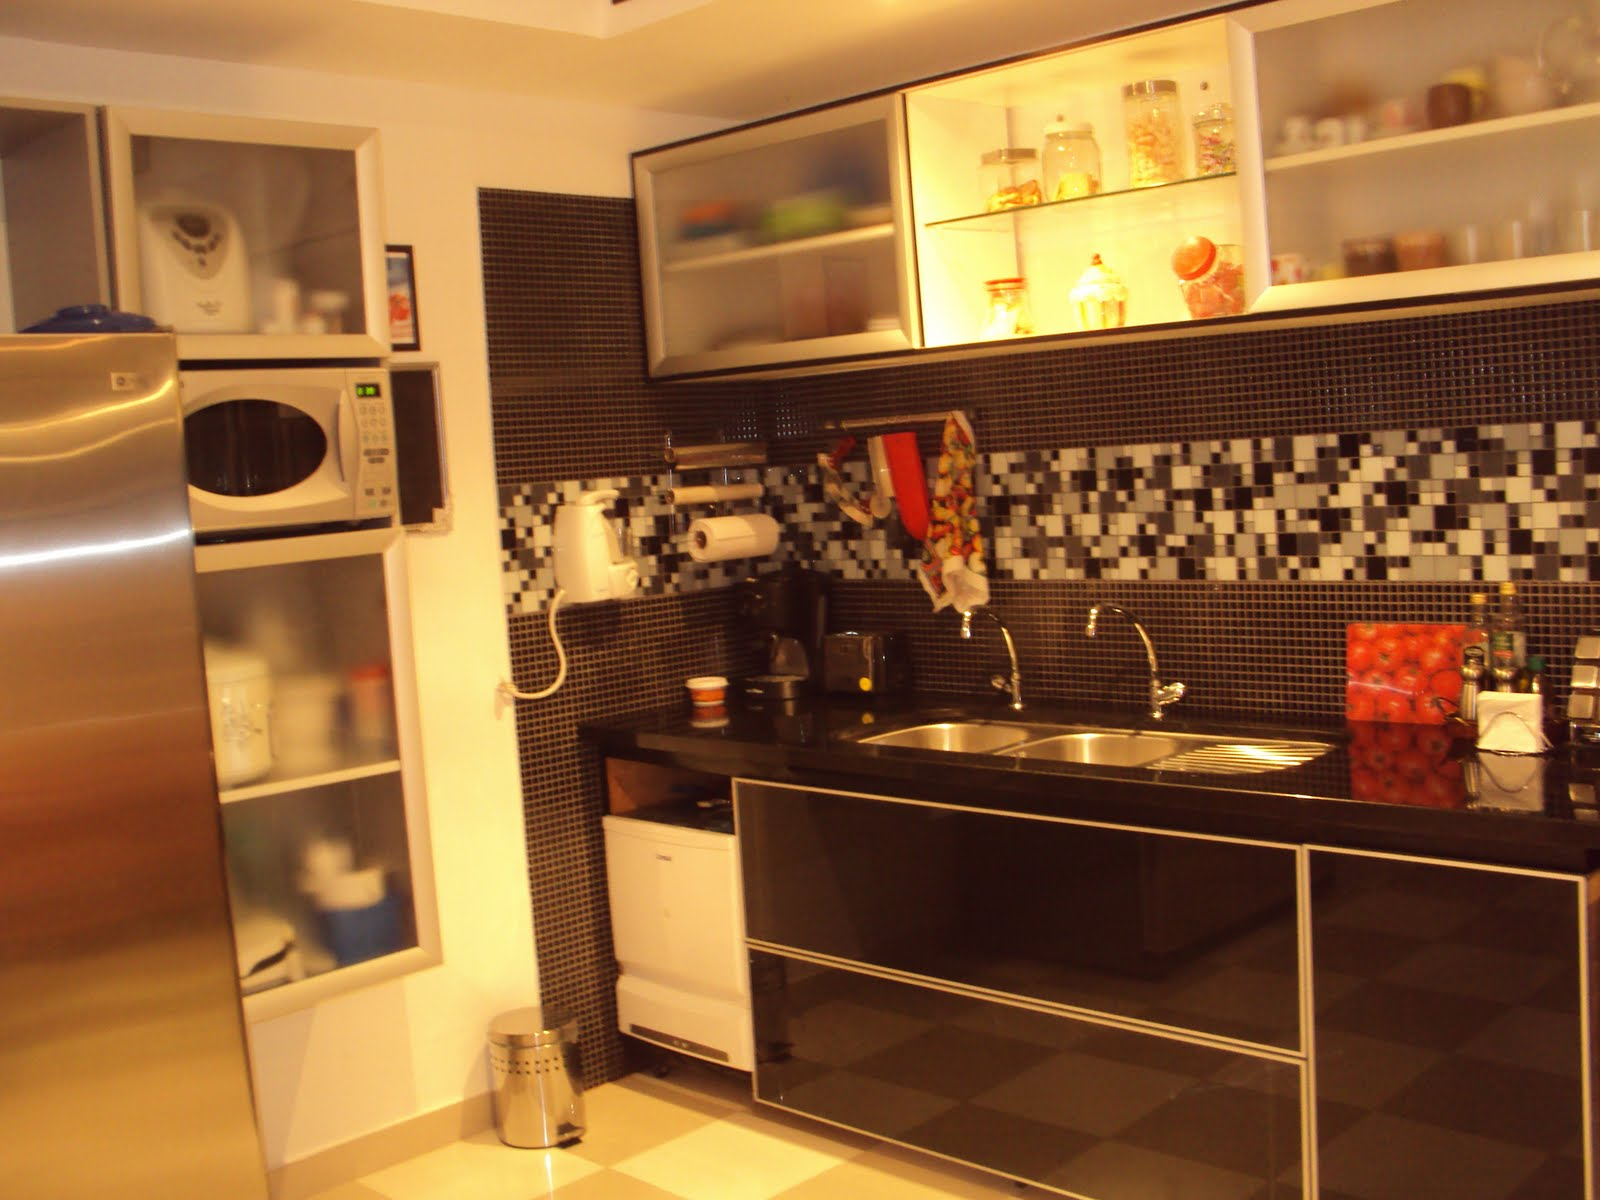 se fosse na minha casa: Novos armários na cozinha: gabinete da pia #BD800E 1600x1200 Balcão De Banheiro Leroy Merlin